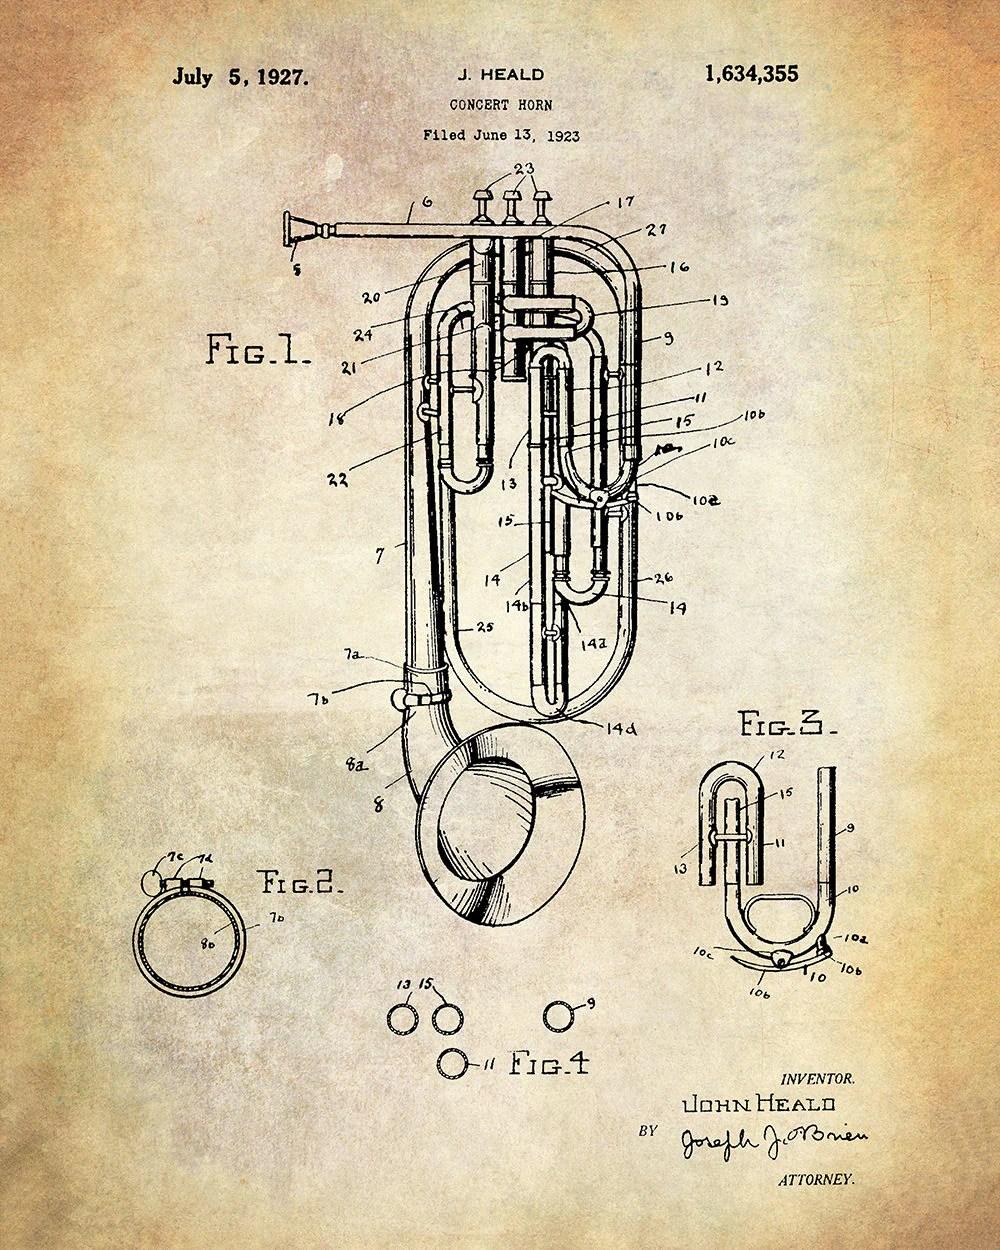 medium resolution of patent art print heald concert horn musical instrument patent art print brass musical instrument patent art print john head patent